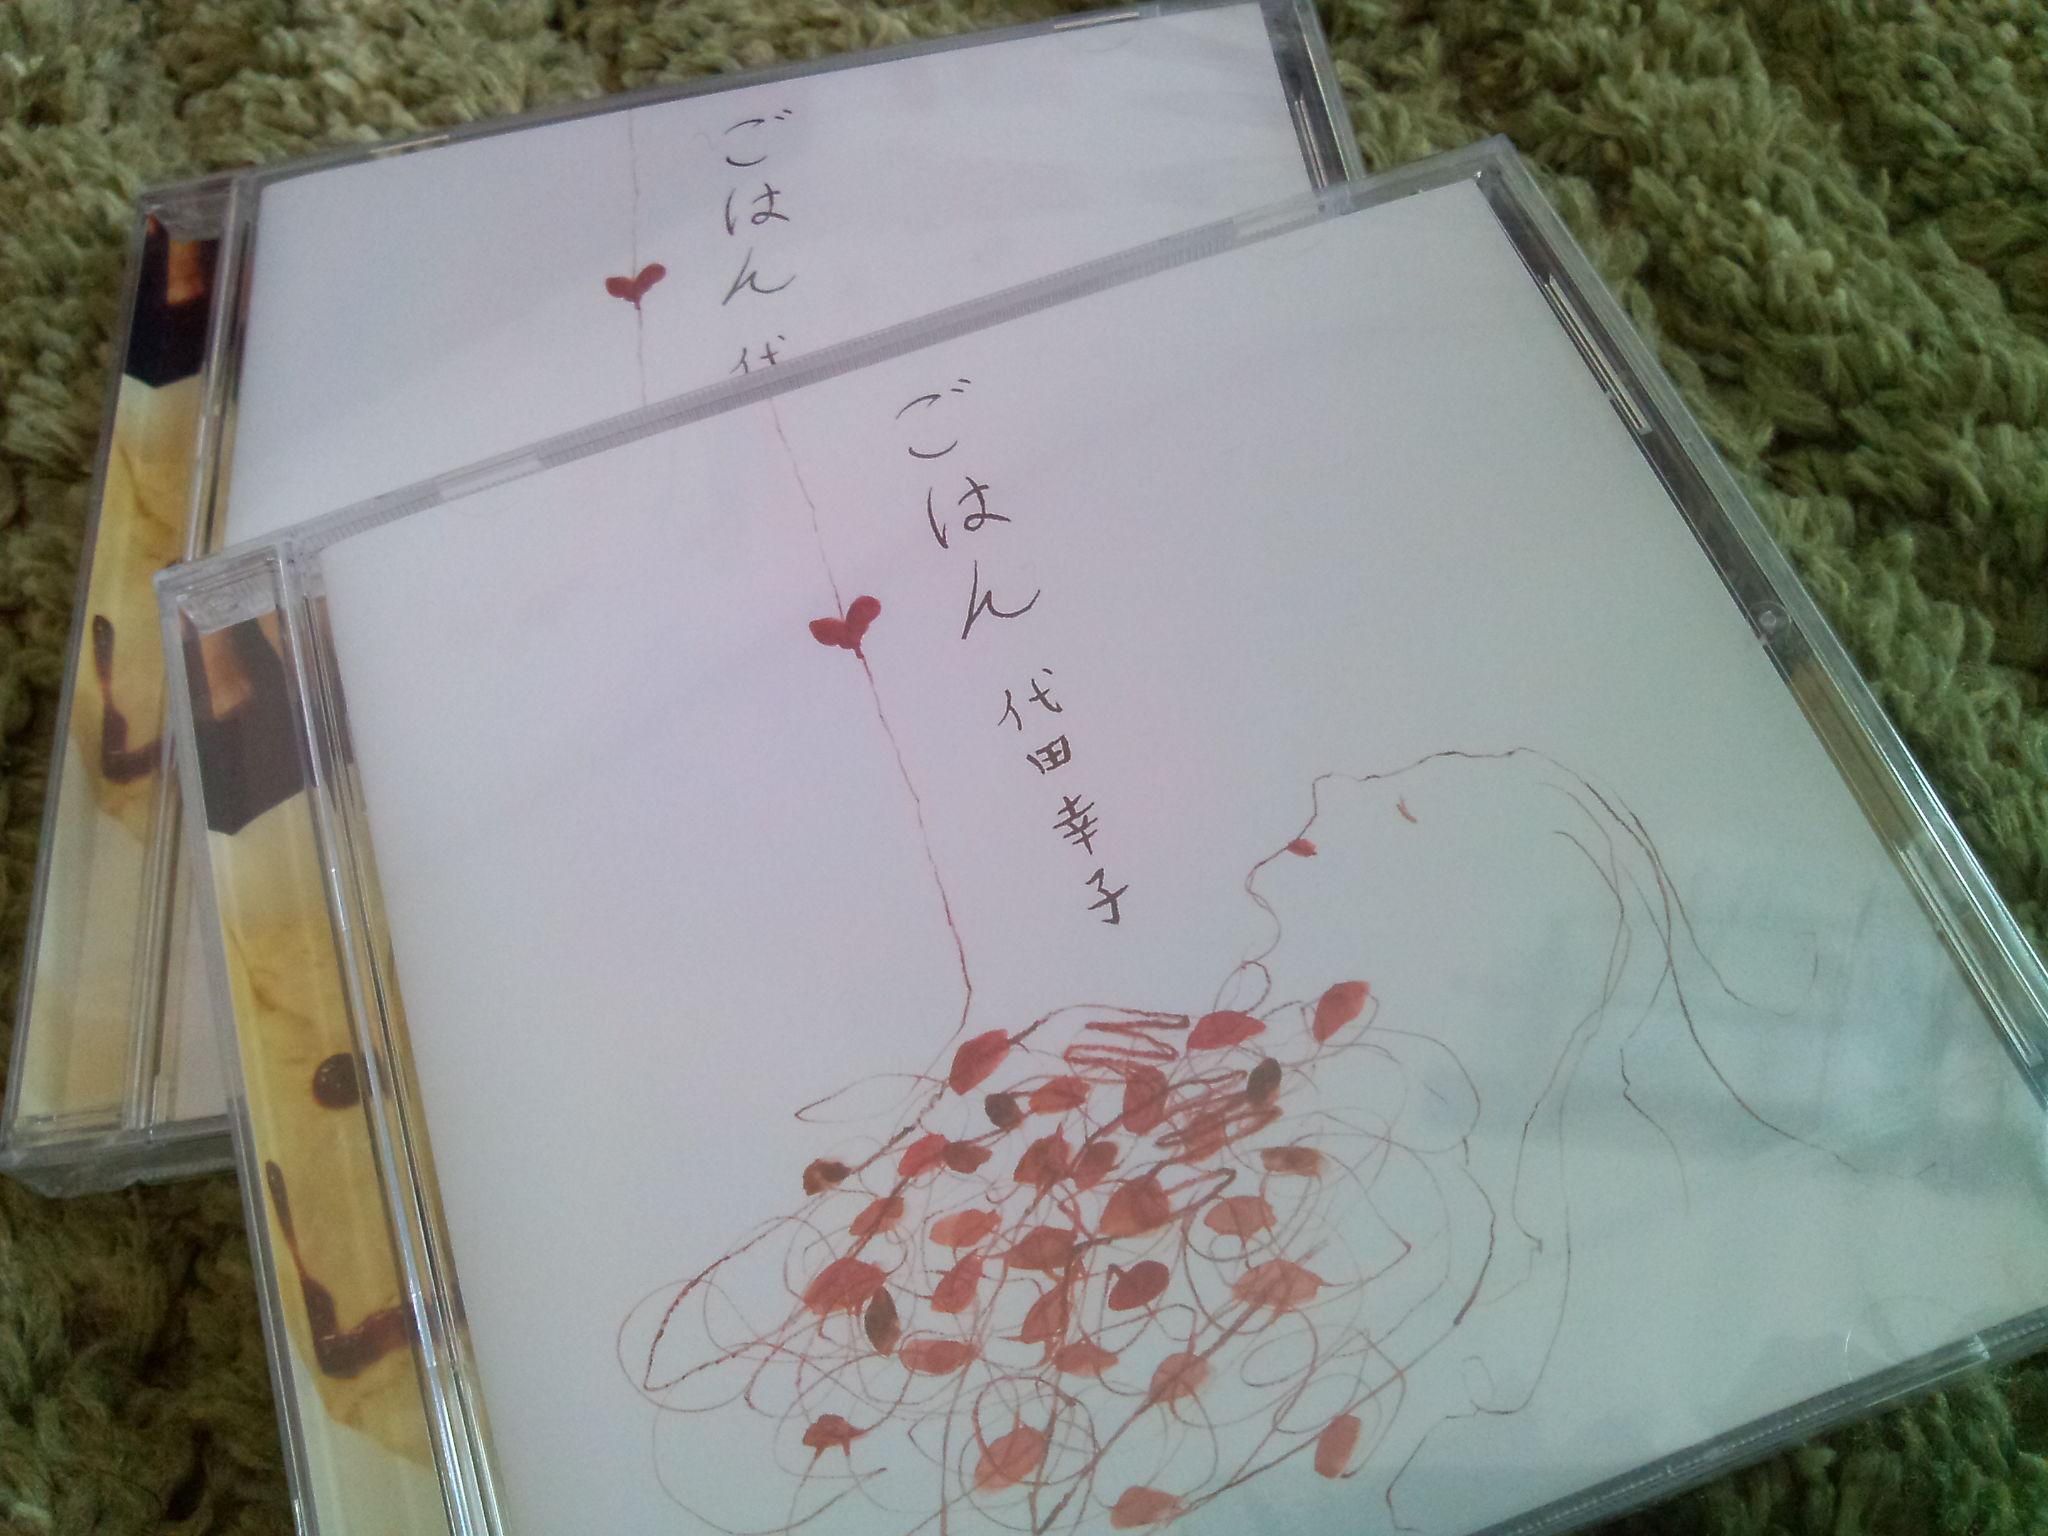 代田幸子さん「ごはん」のお知らせ。_f0042307_1159346.jpg